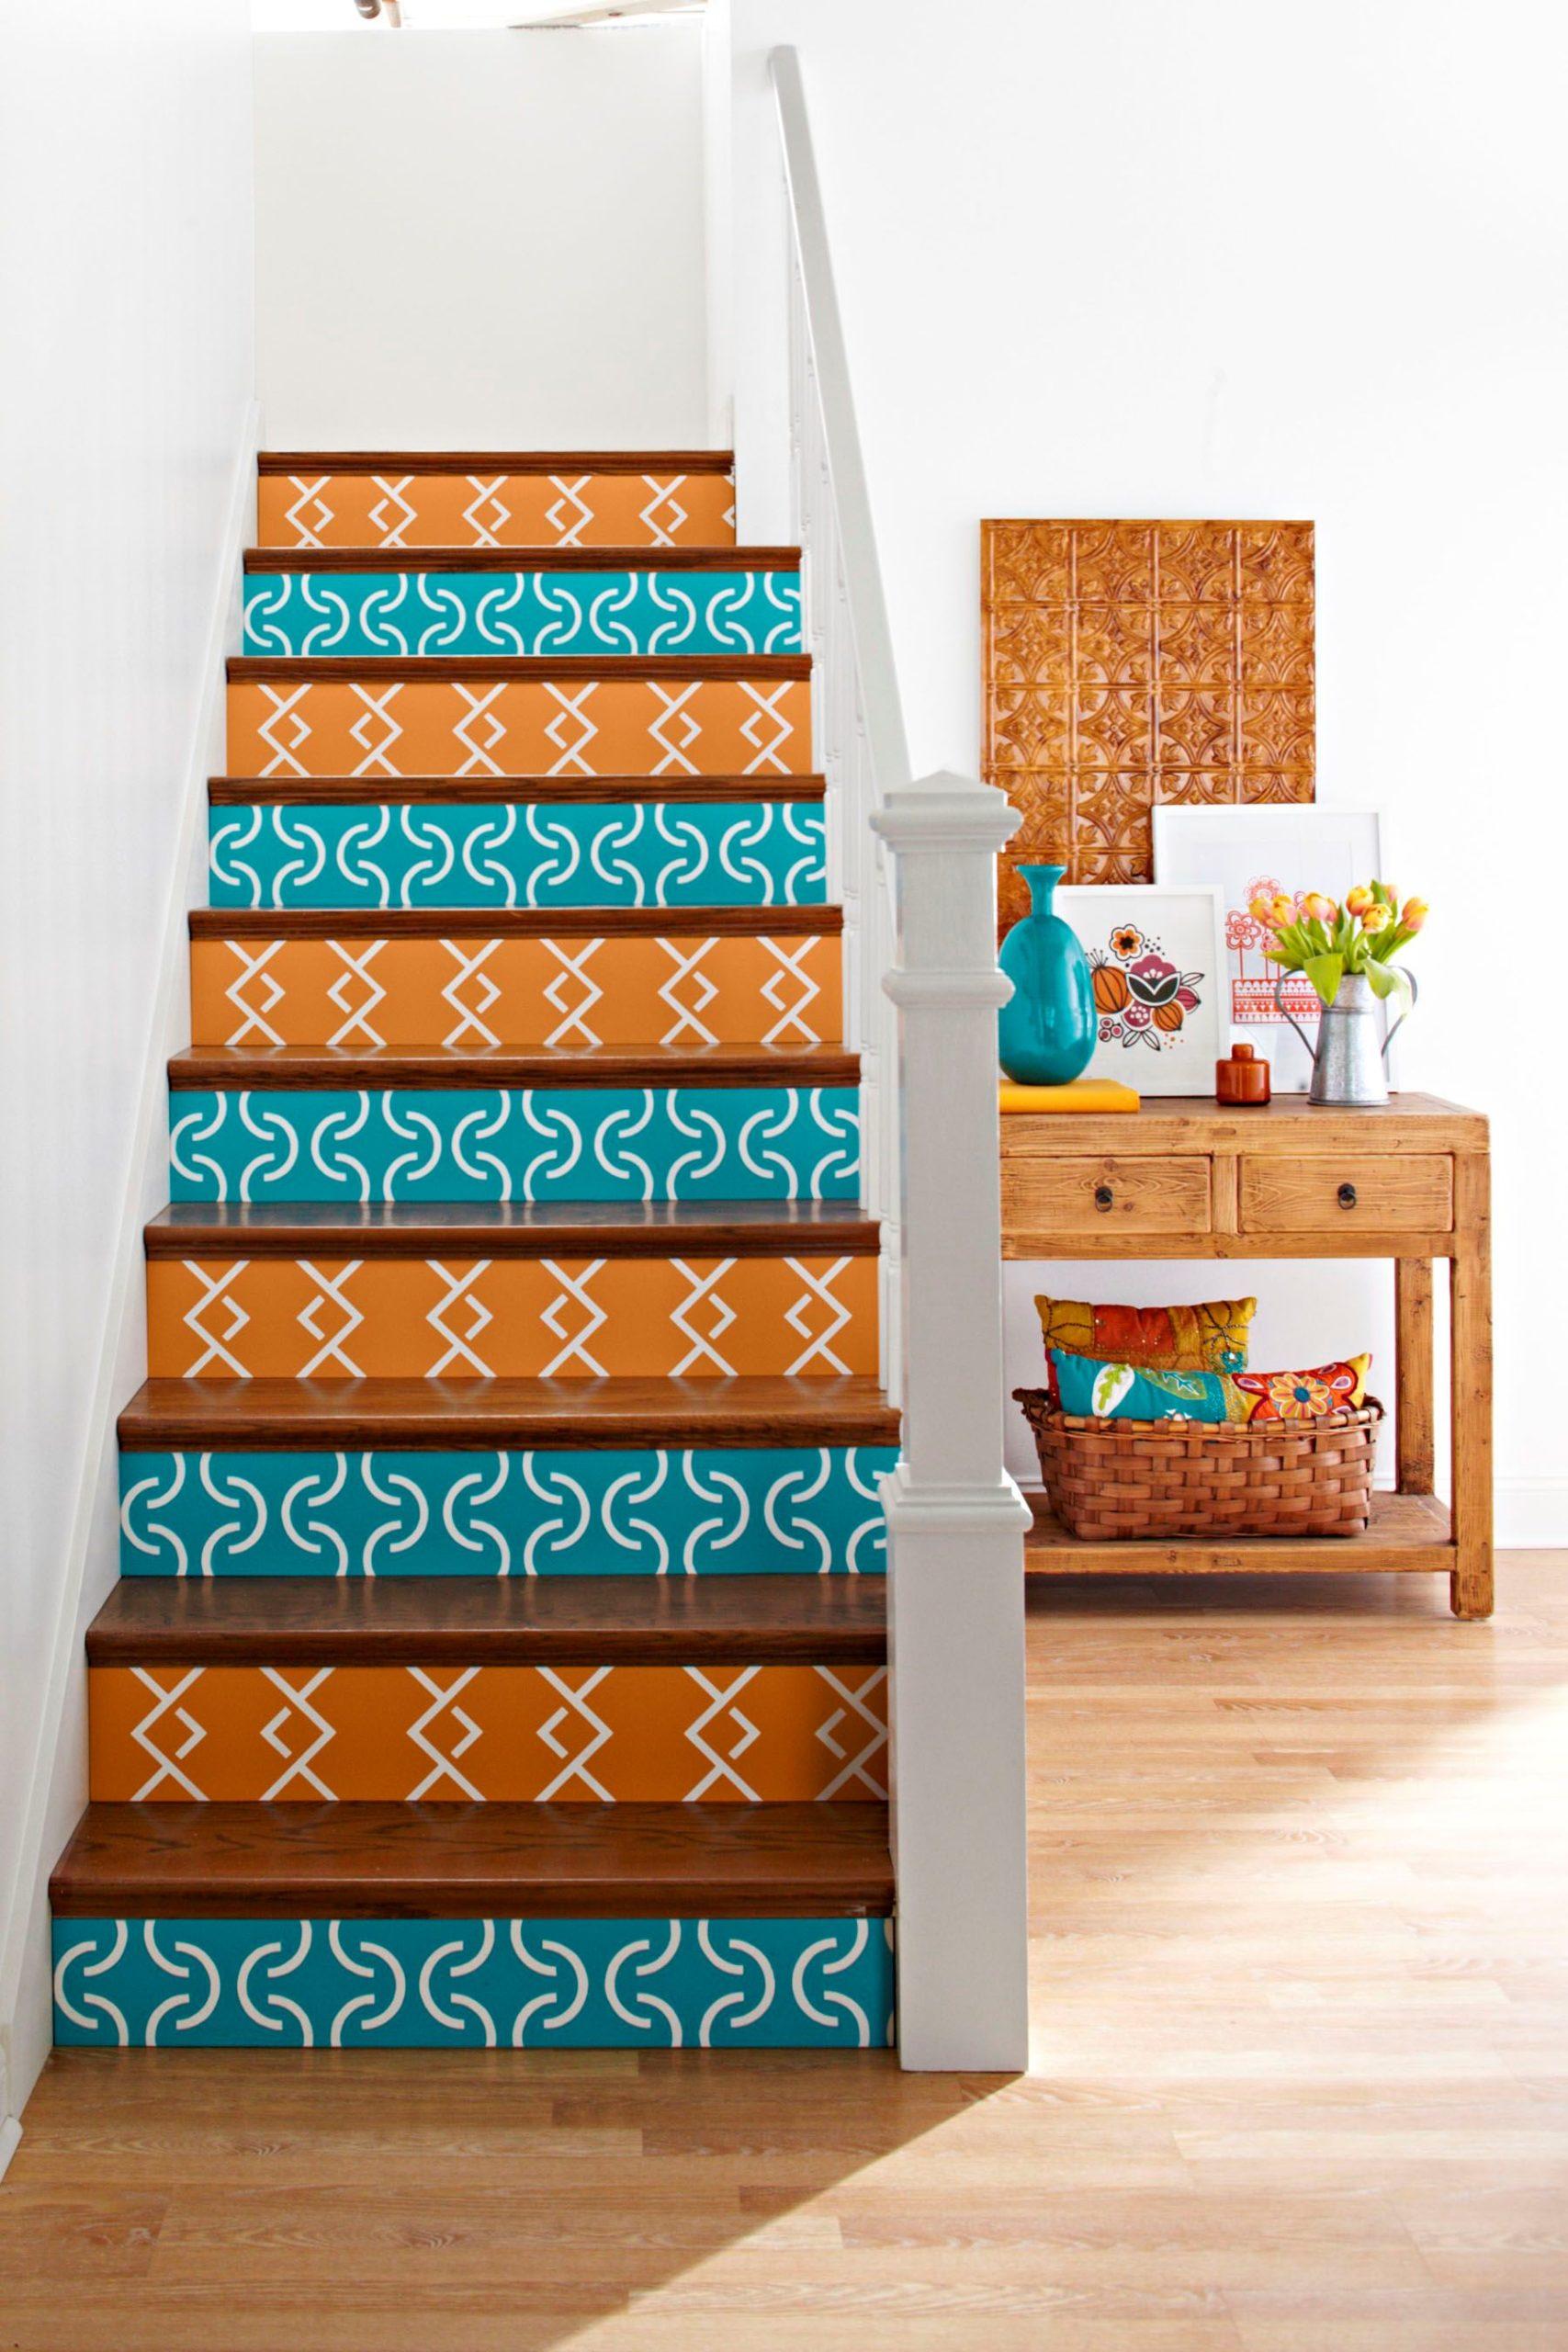 Avant de repeindre l'escalier, passez-les à l'aspirateur pour éliminer toute trace de débris et de poussière.